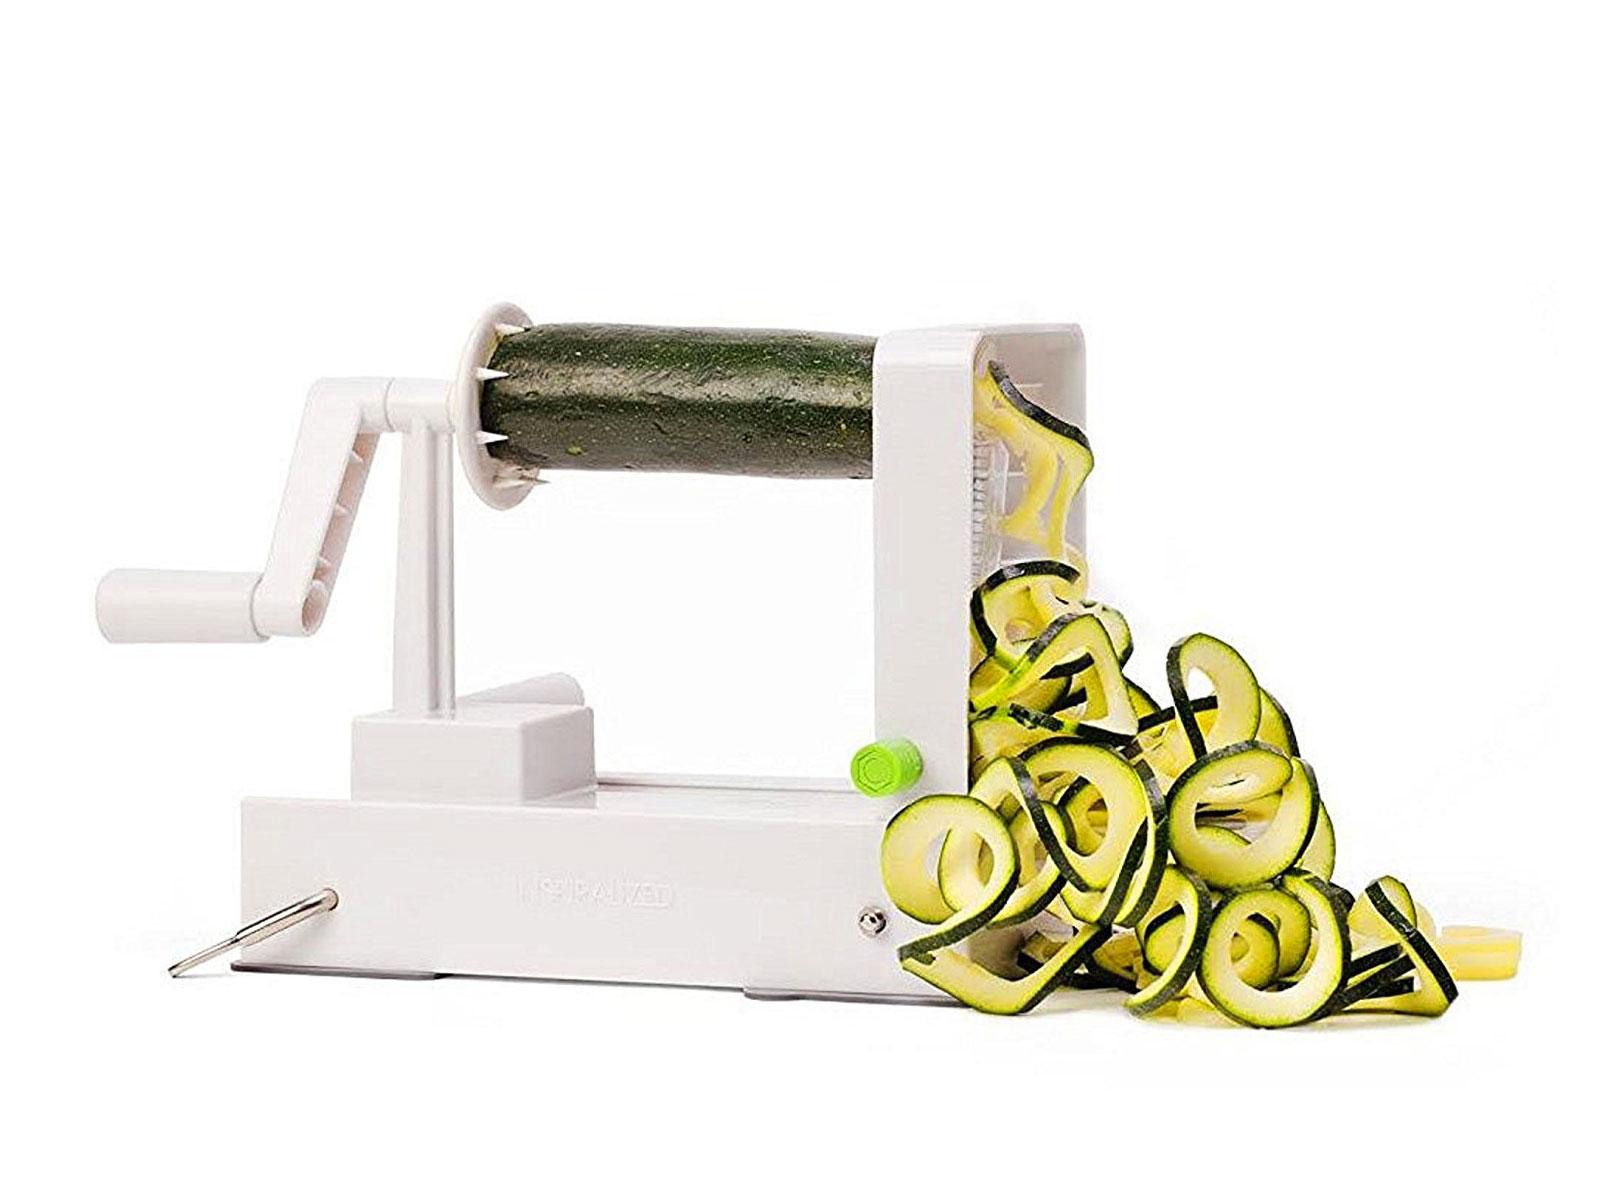 creative gadget spiral cutter